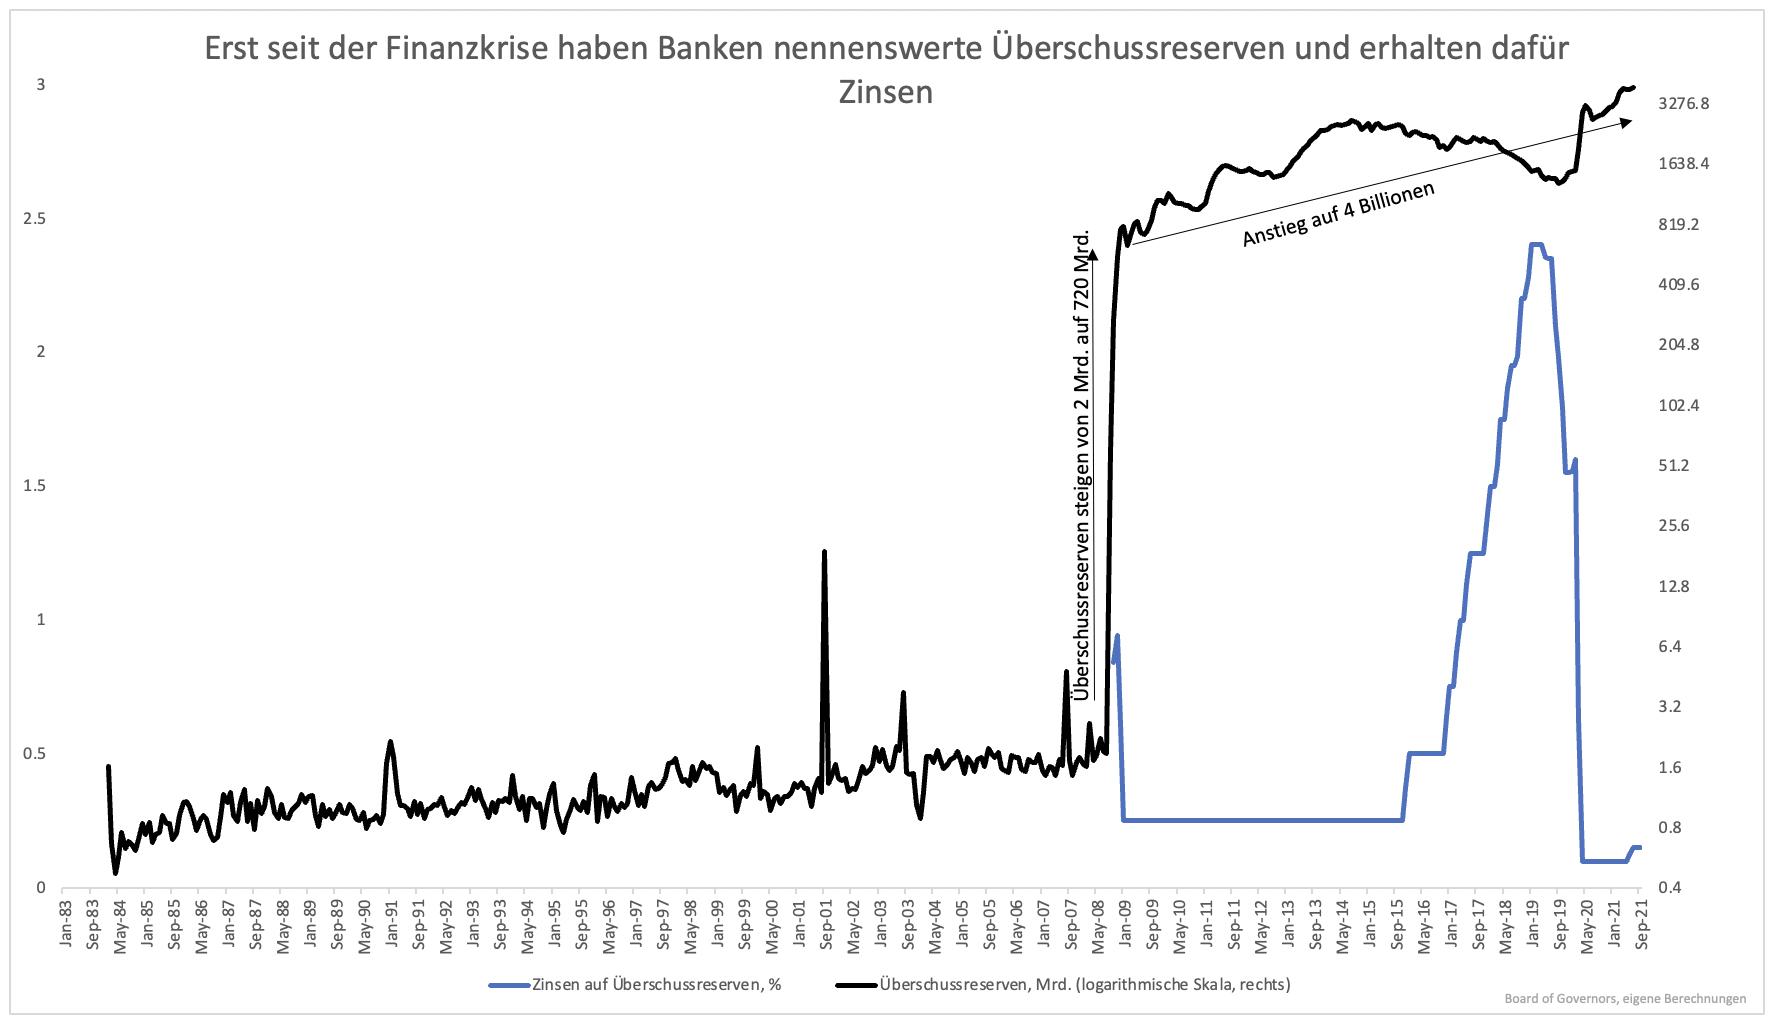 Der-überraschende-Grund-weshalb-Zinsen-nur-geringfügig-steigen-können-Kommentar-Clemens-Schmale-GodmodeTrader.de-1